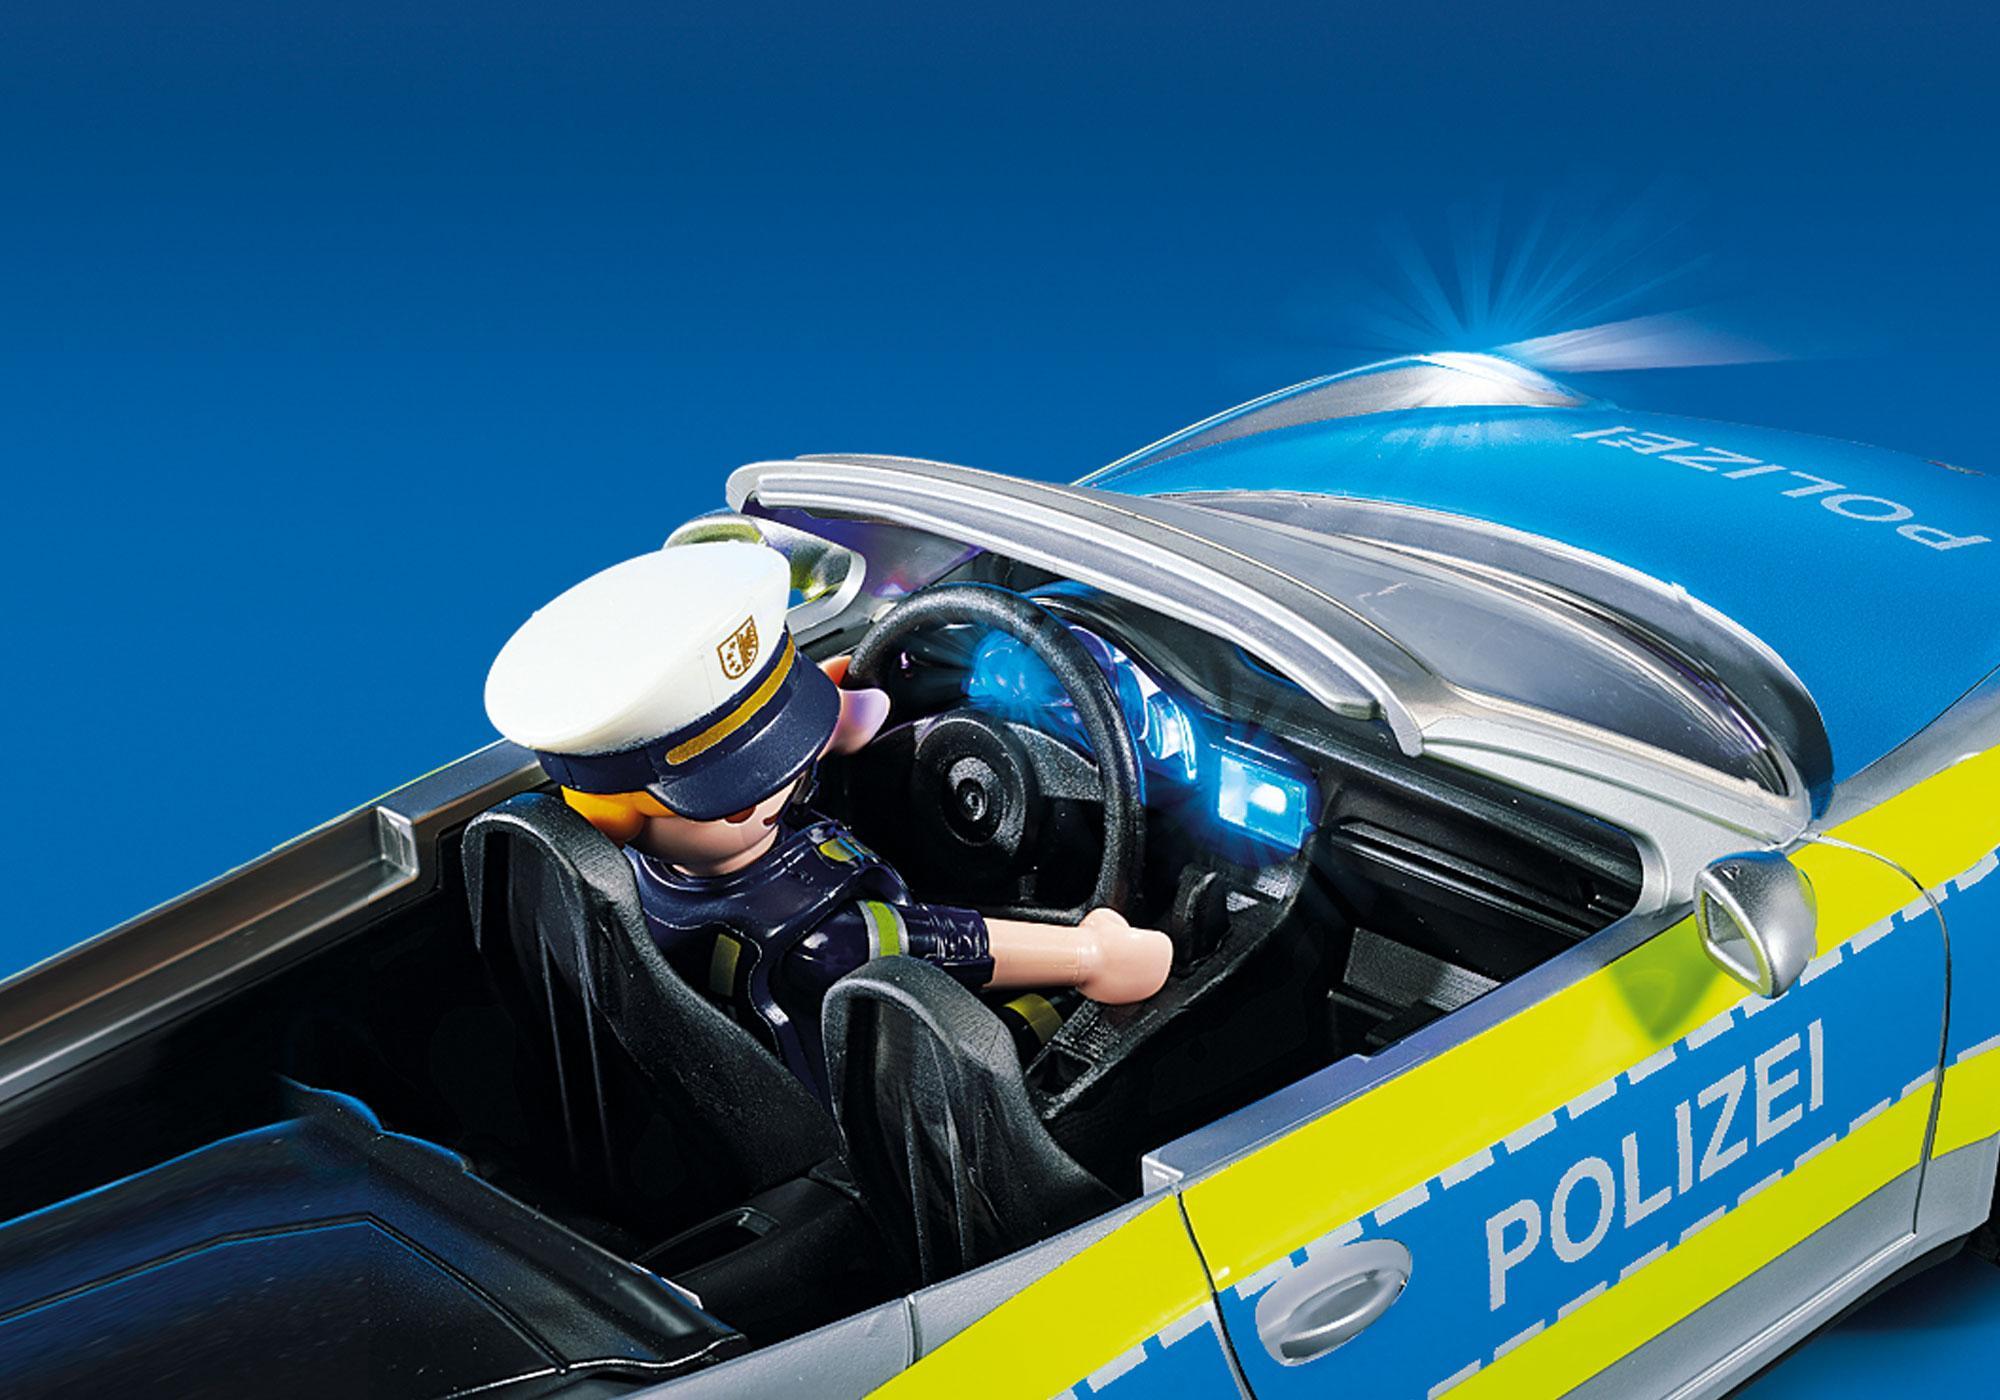 http://media.playmobil.com/i/playmobil/70067_product_extra4/Porsche 911 Carrera 4S Polizei